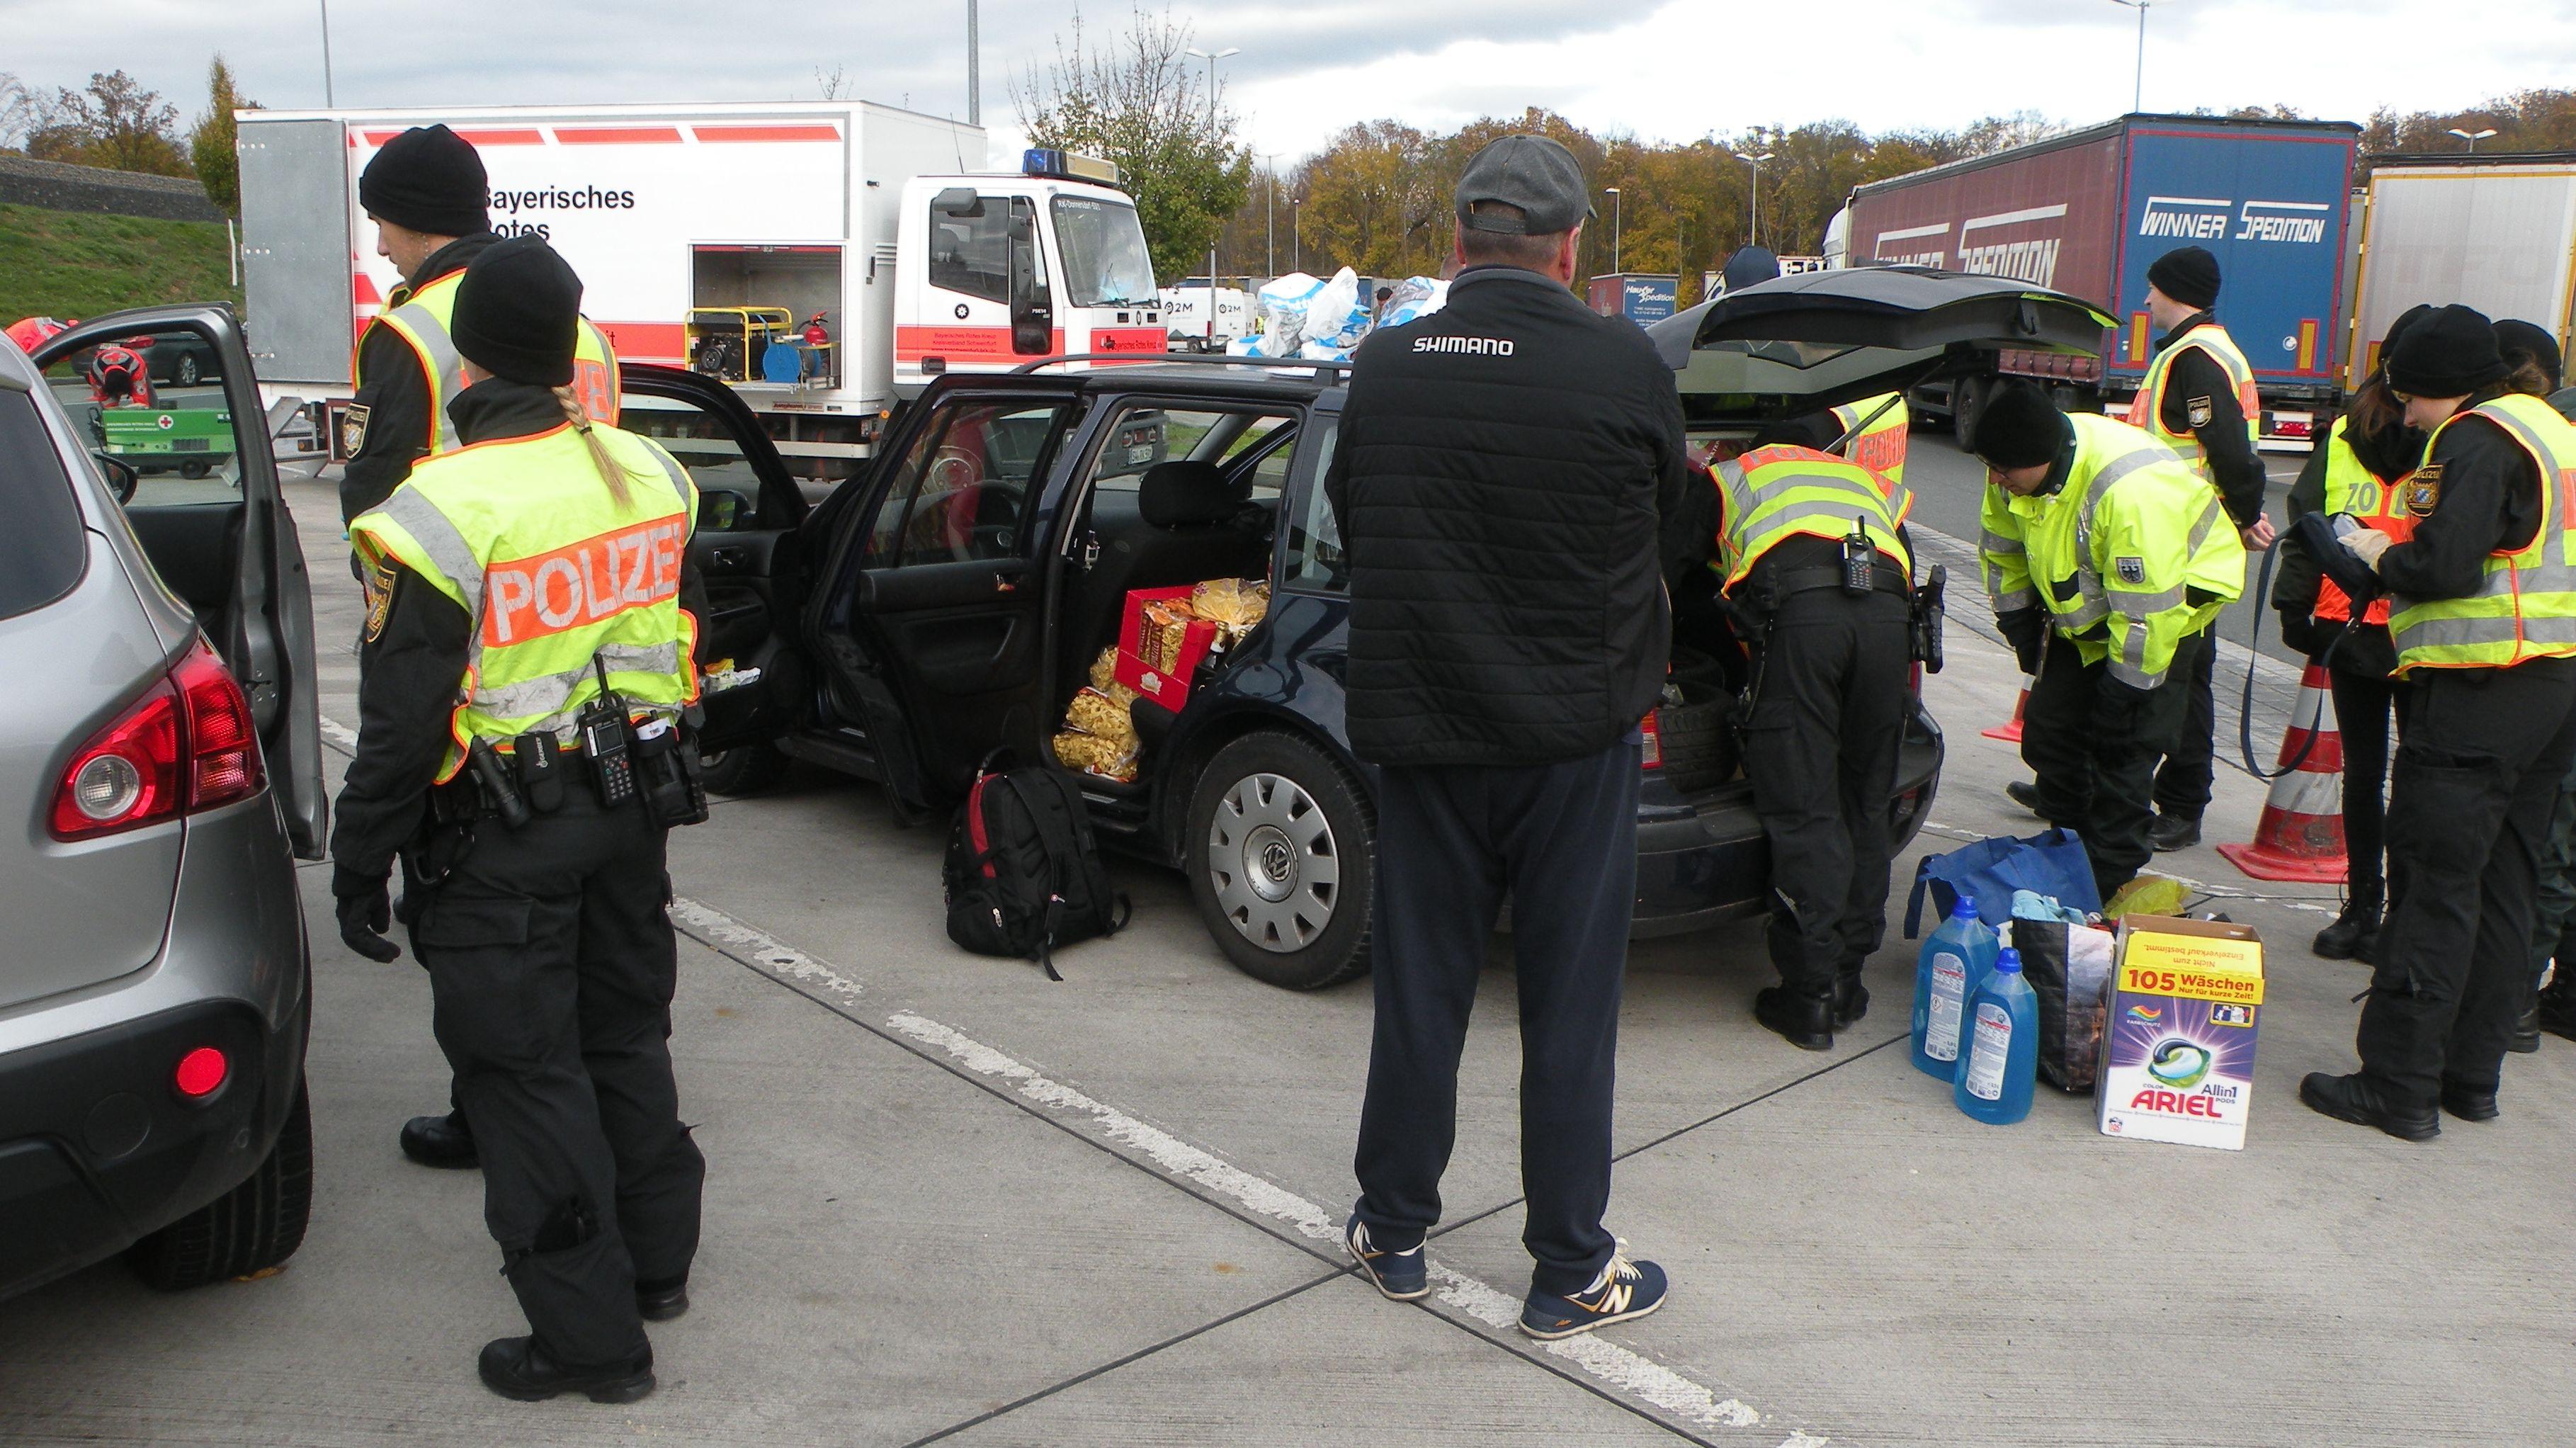 An der Rastanlage Riedener Wald an der A7 in Unterfranken hat die Polizei gezielt nach Wohnungseinbrechern gefahndet. Deshalb haben die Beamten Fahrzeuge durchsucht.